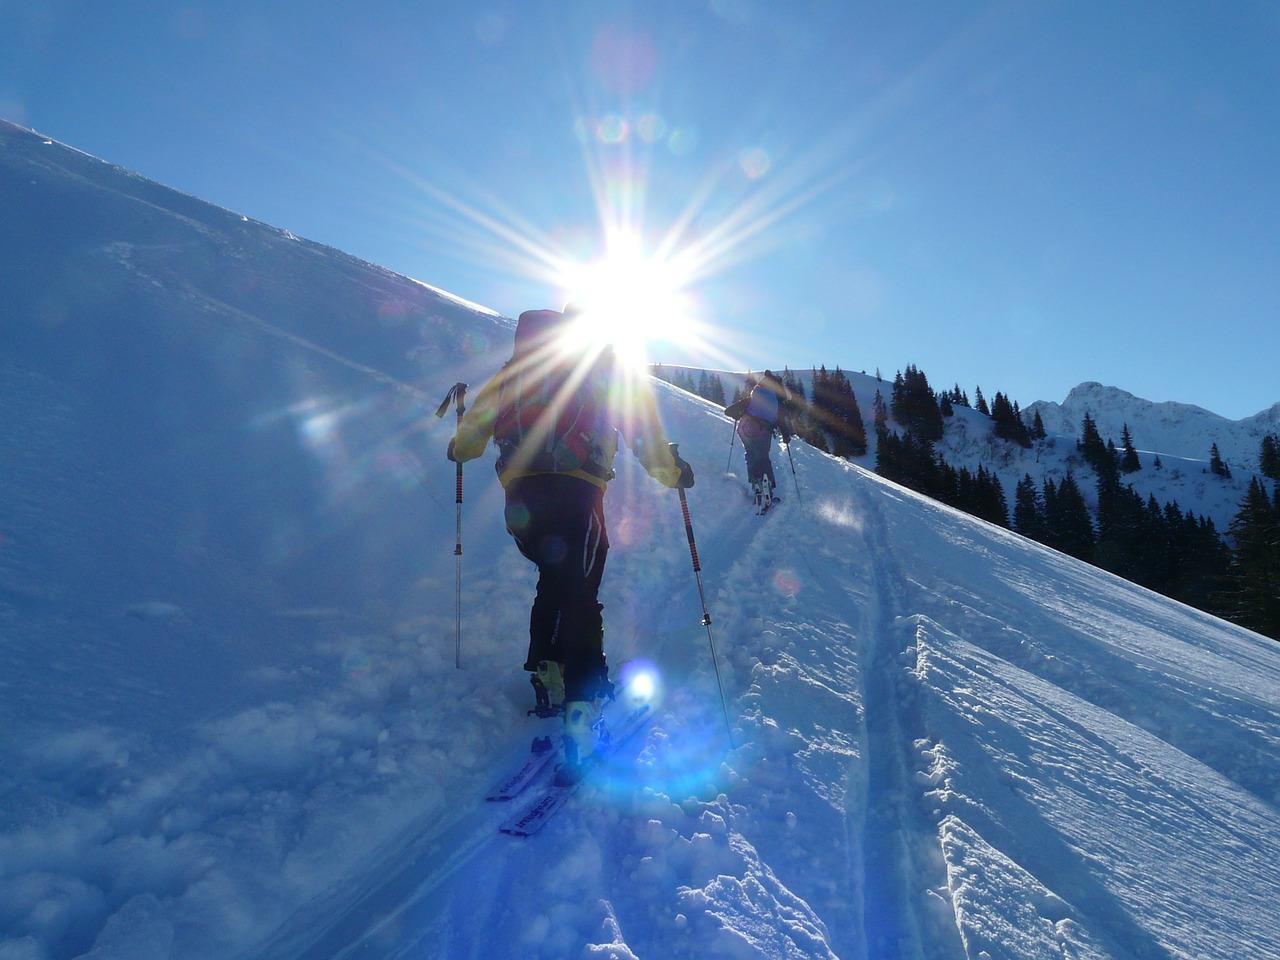 ski-tour-16177_1280